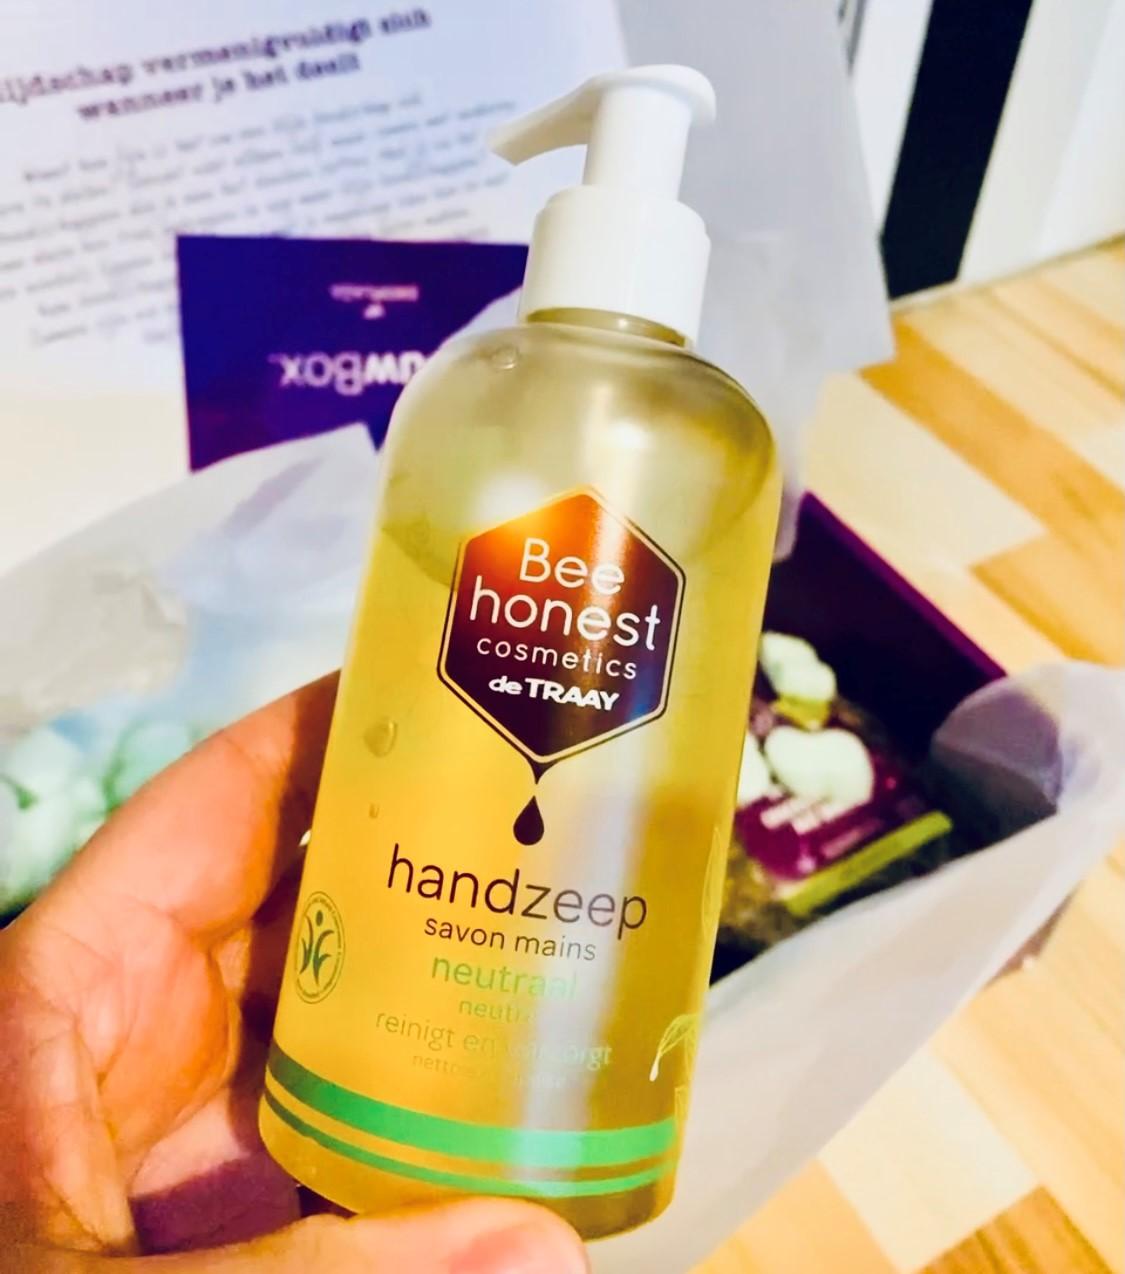 Bee Honest Cosmetics - handzeep neutraal